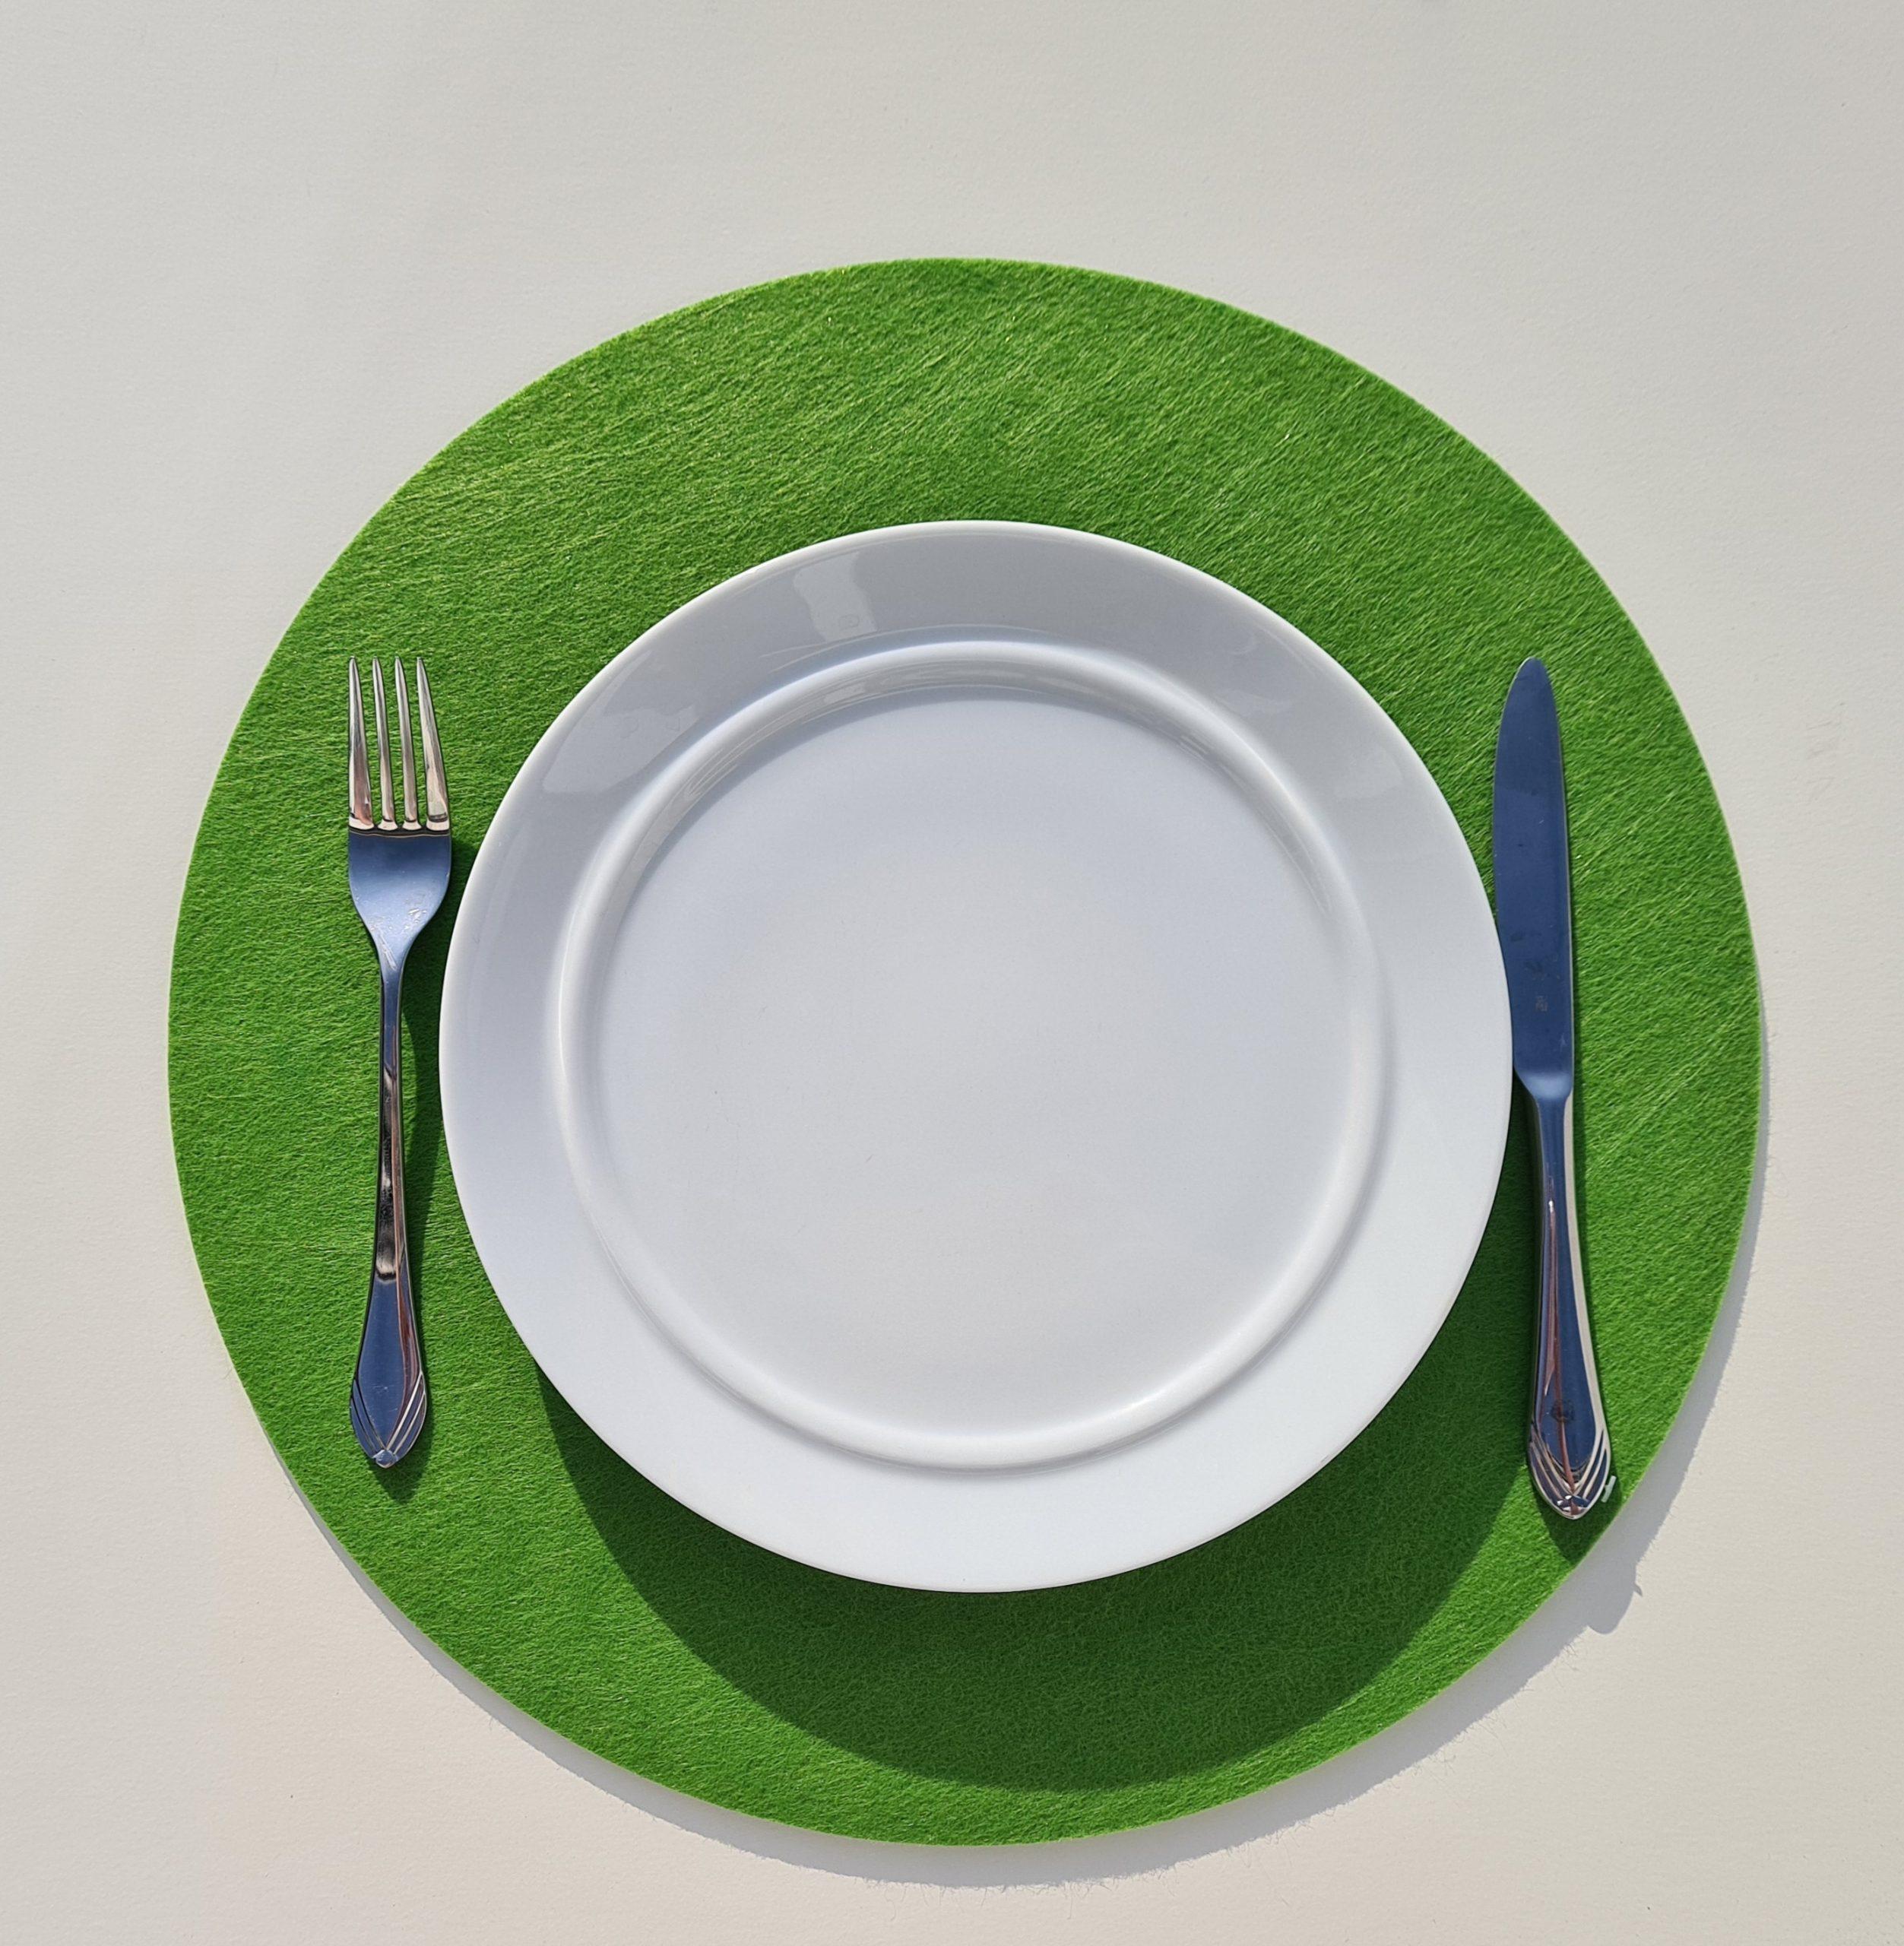 Grüner Filz-Untersetzter rund mit Teller und Besteck - Handgemachte individualisierbare Taschen, Körbe, Tischsets, Dekoartikel und mehr auf fideko.de der Onlineshop seit 2011